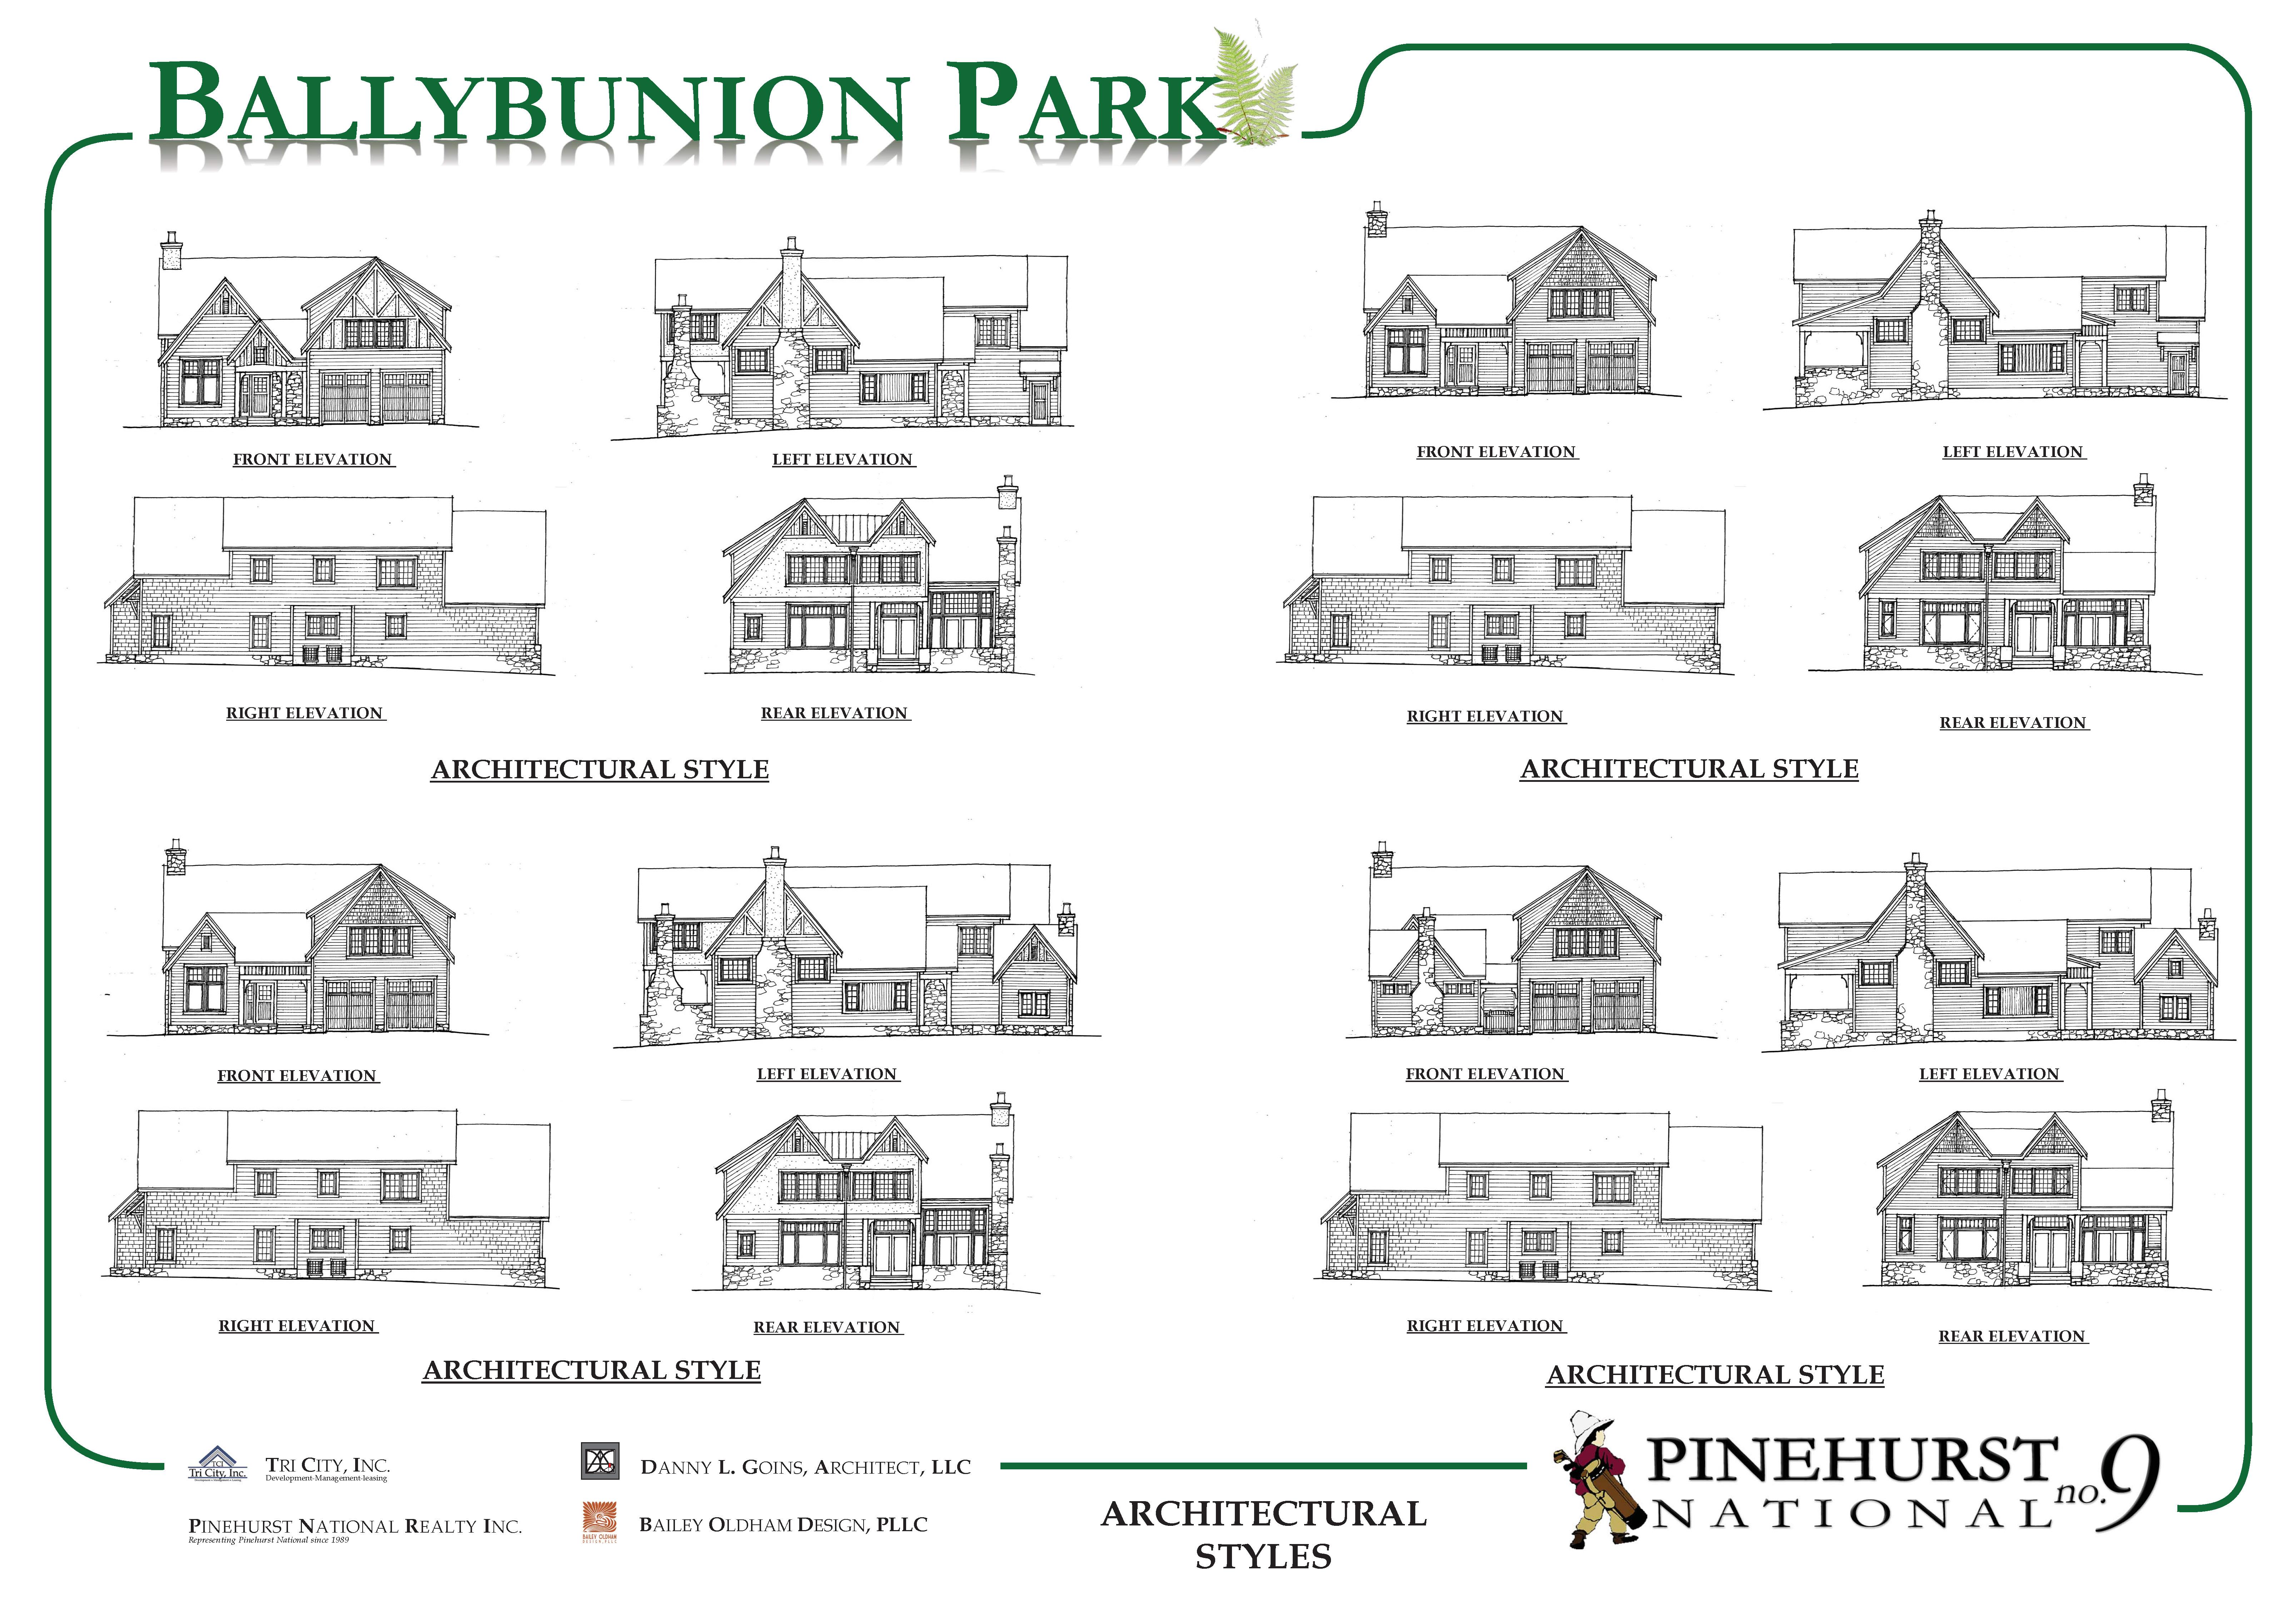 Ballybunion Binder_Page_15